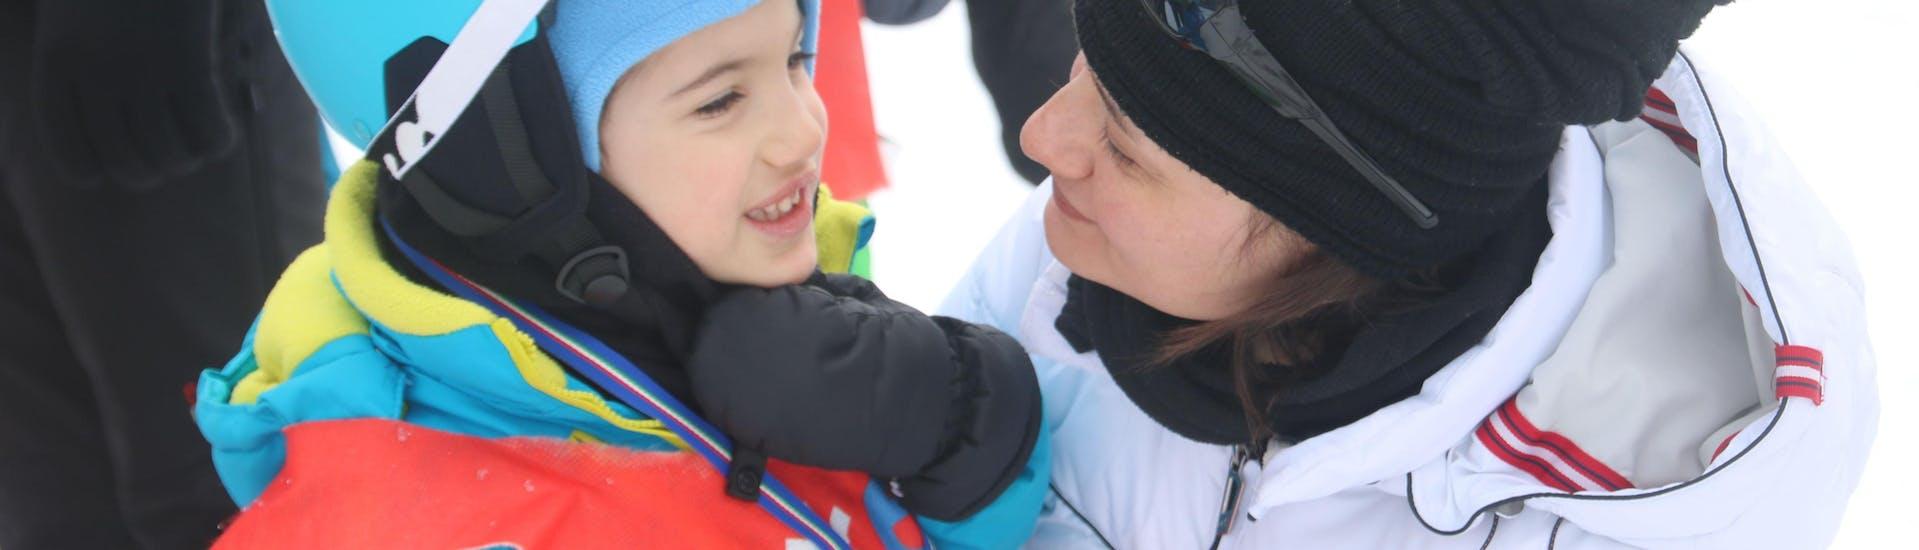 Lezioni private di sci per bambini per tutti i livelli